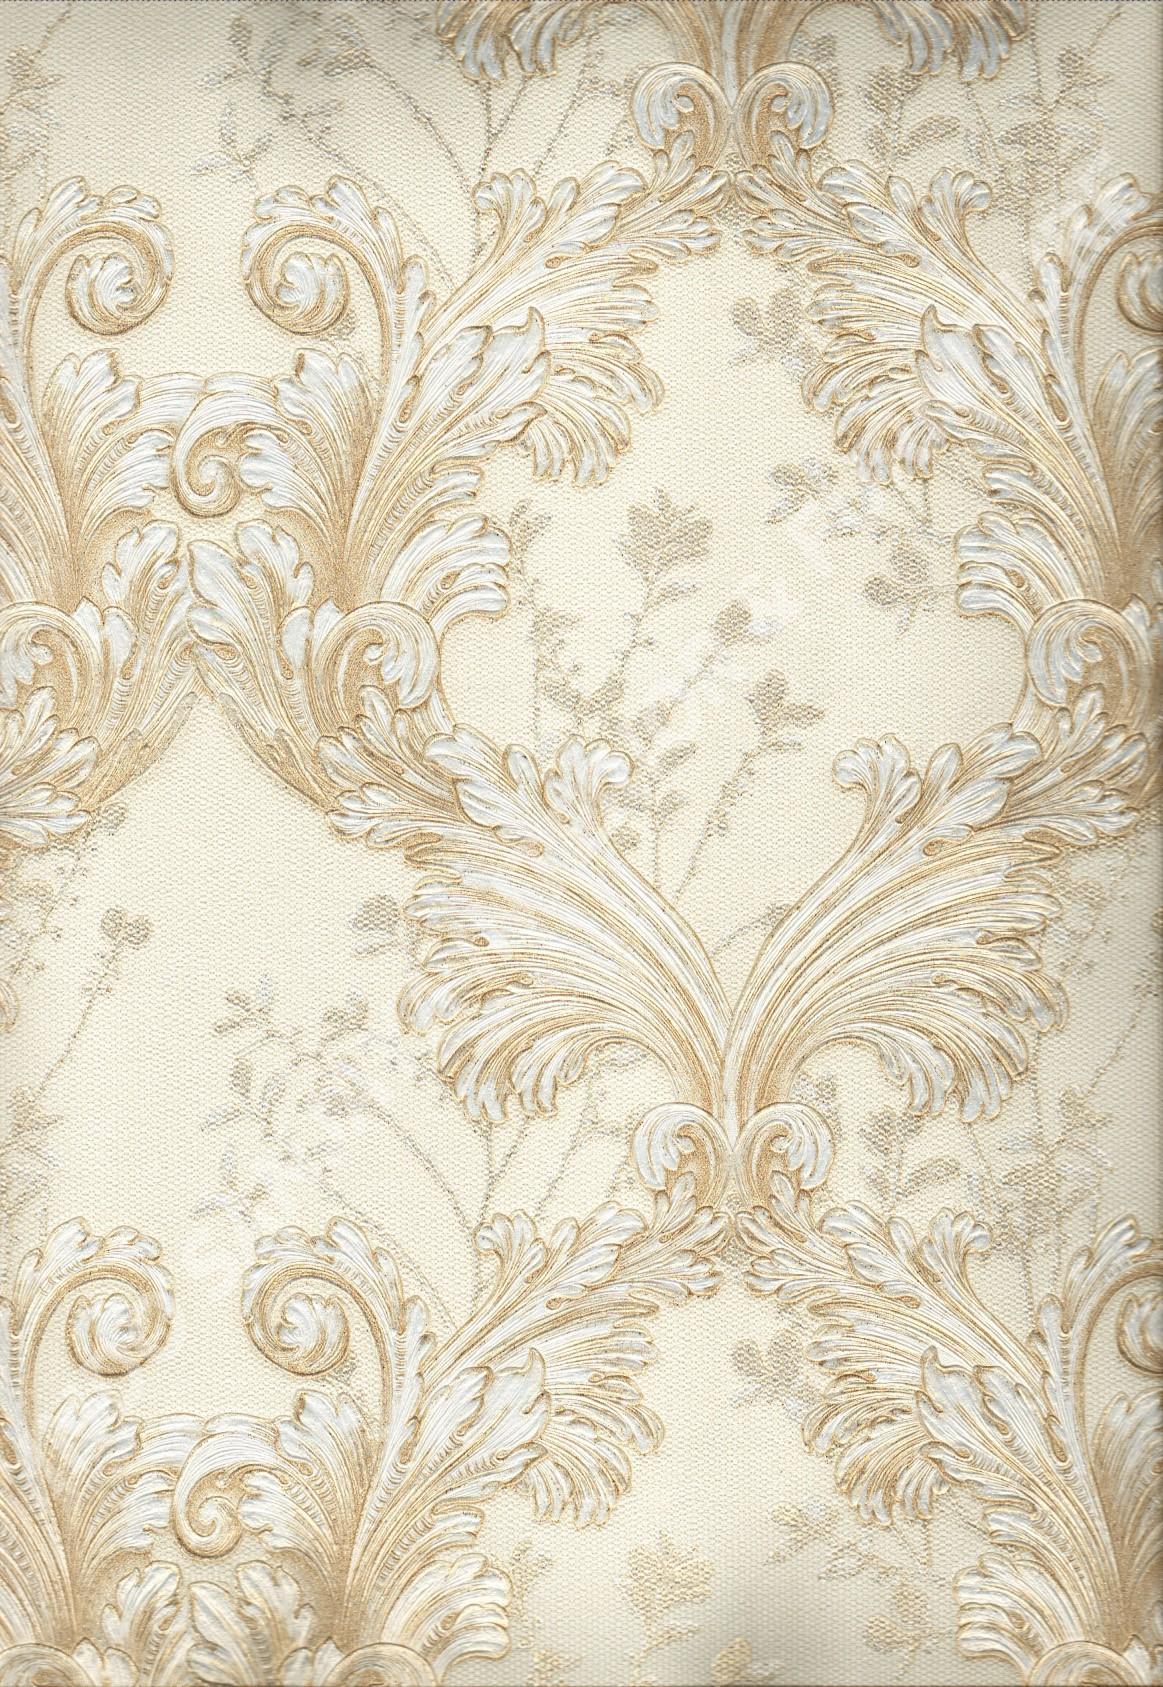 wallpaper   Wallpaper Klasik Batik (Damask) 87022:87022 corak  warna